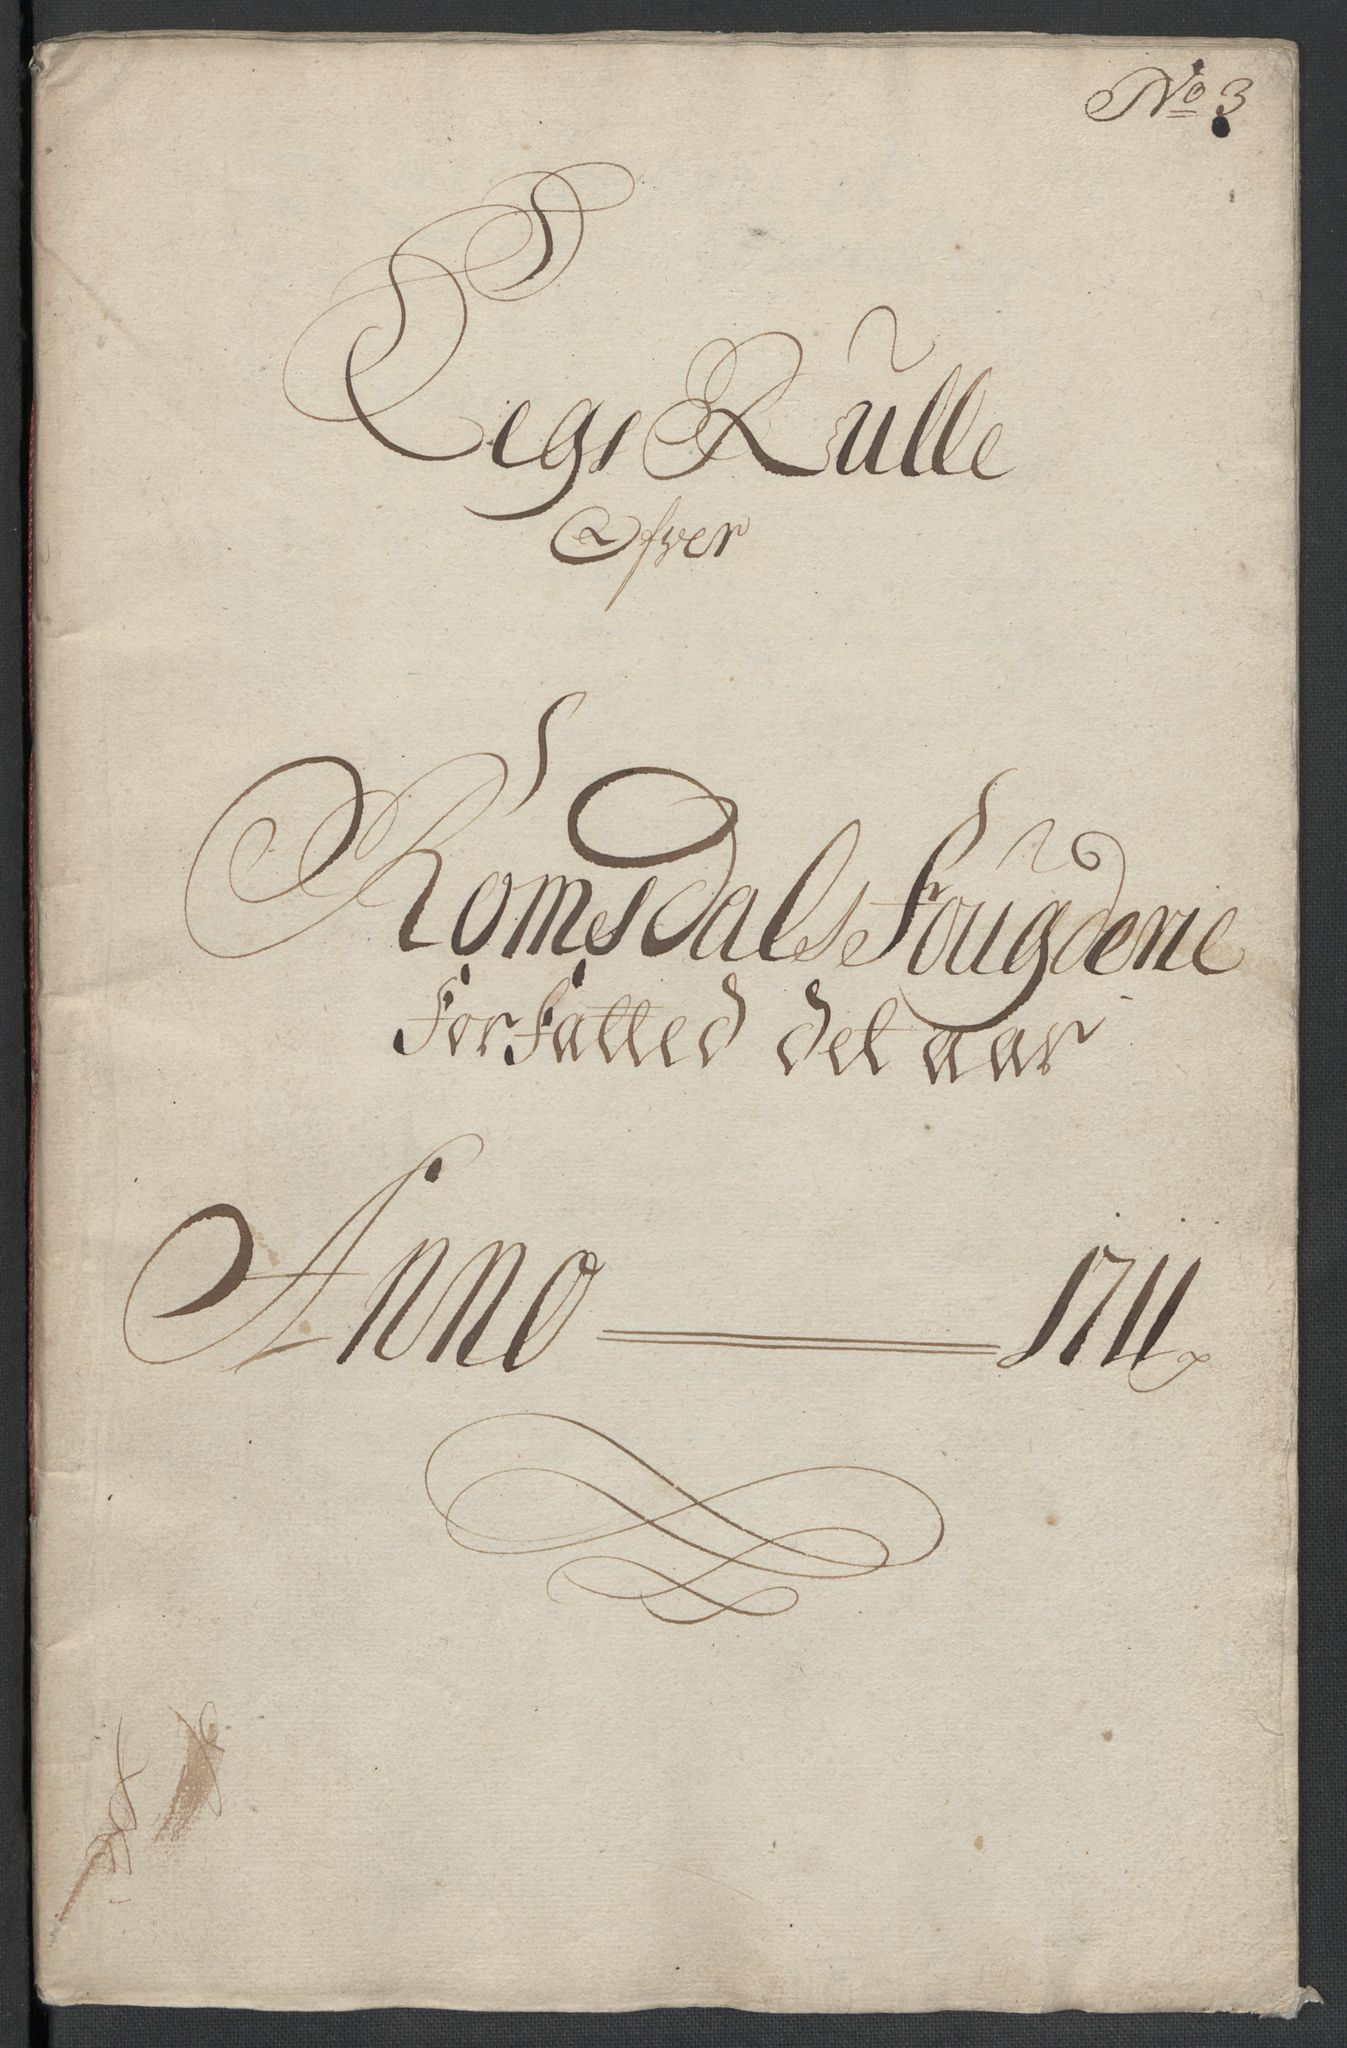 RA, Rentekammeret inntil 1814, Reviderte regnskaper, Fogderegnskap, R55/L3660: Fogderegnskap Romsdal, 1711, p. 82